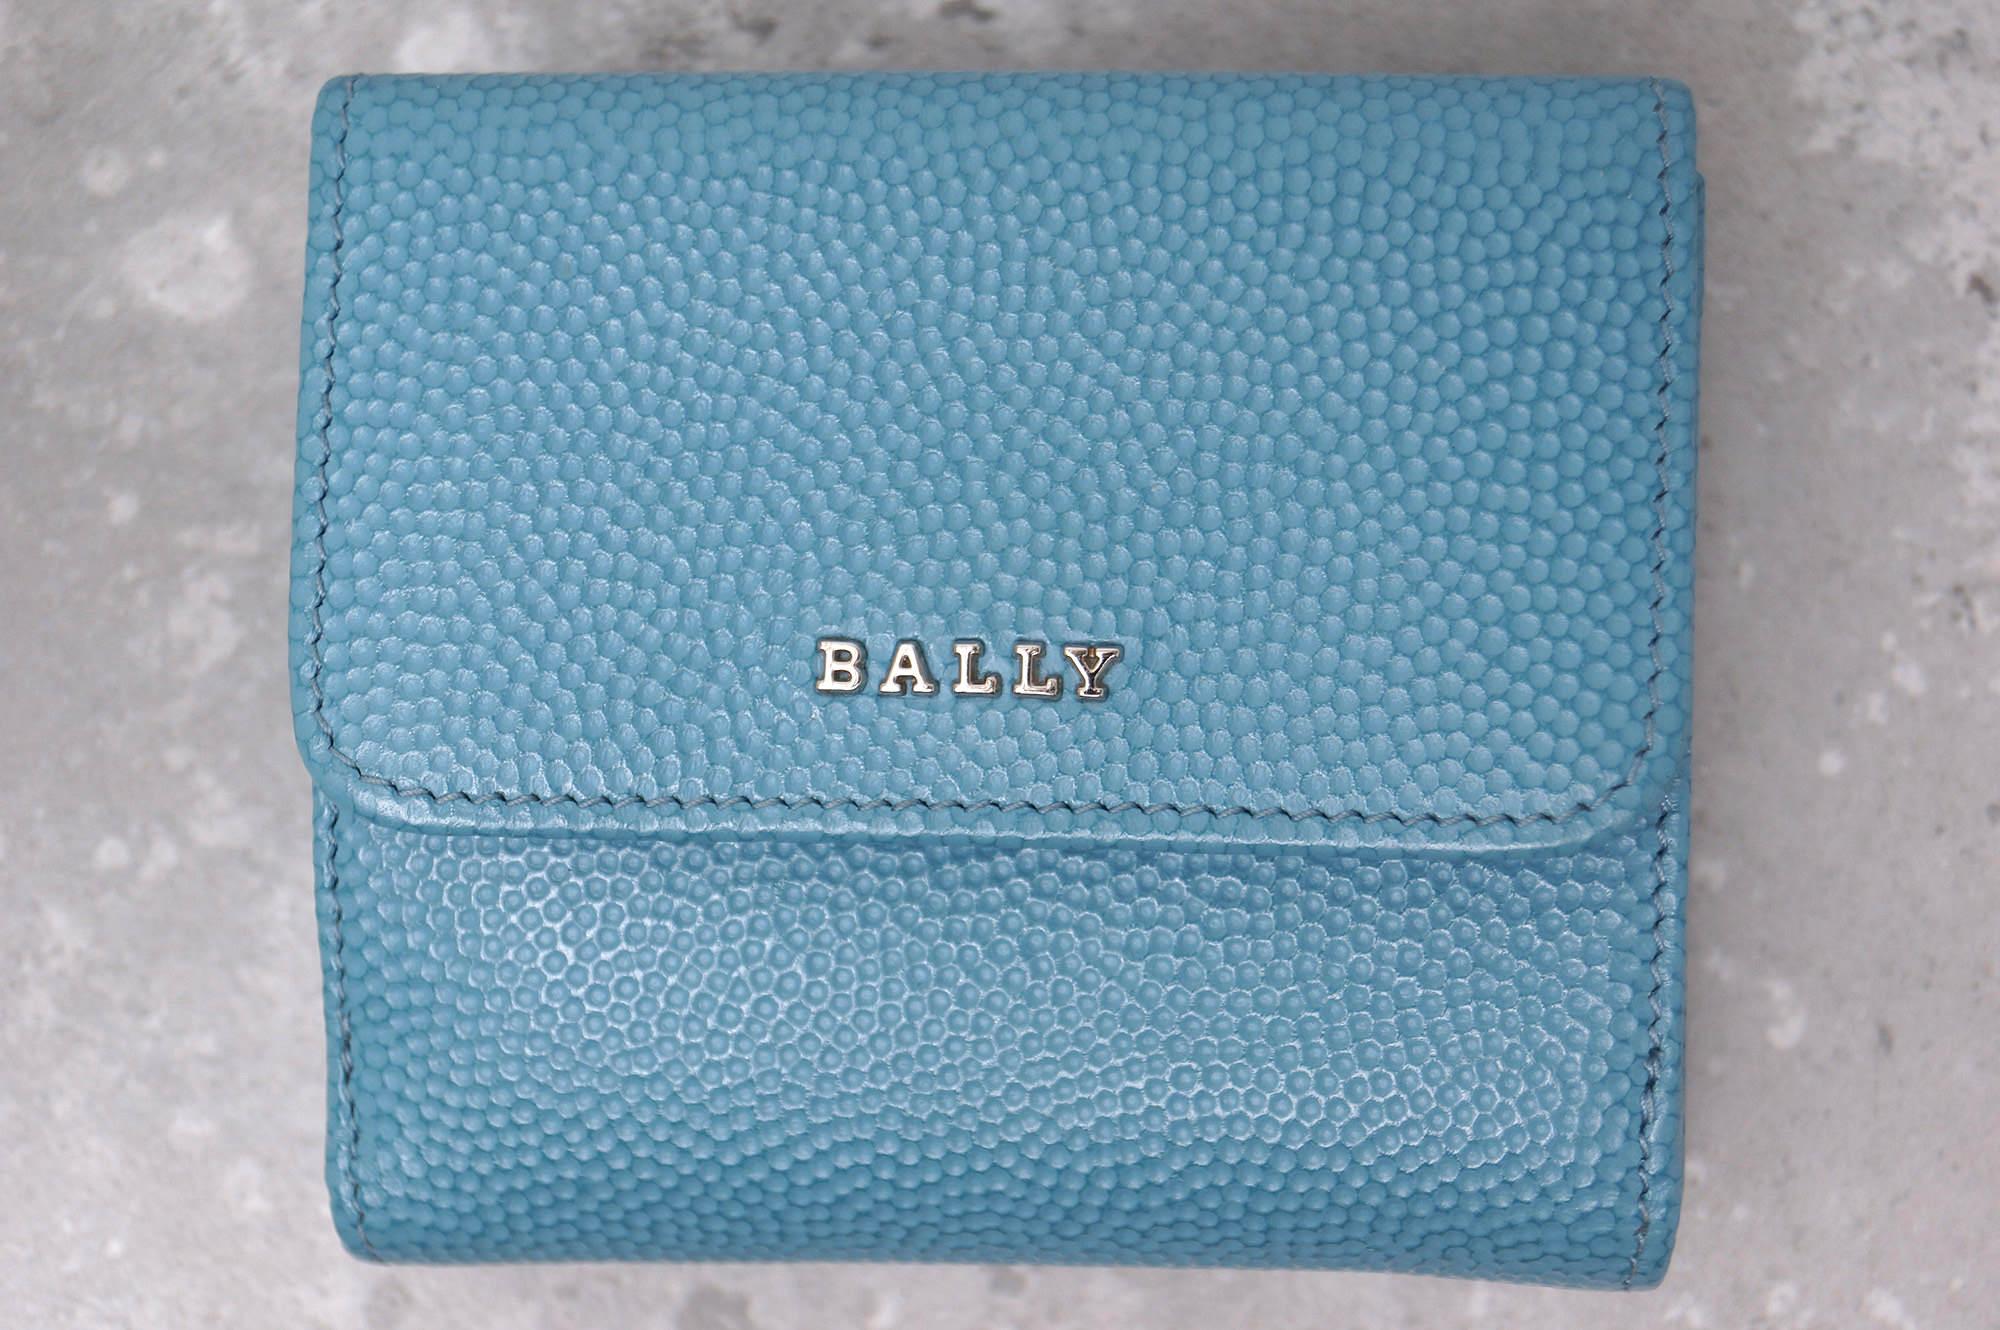 64b736390b2f ヤフオク! - BALLY バリー 財布 ウォレット 三つ折り イタリ...